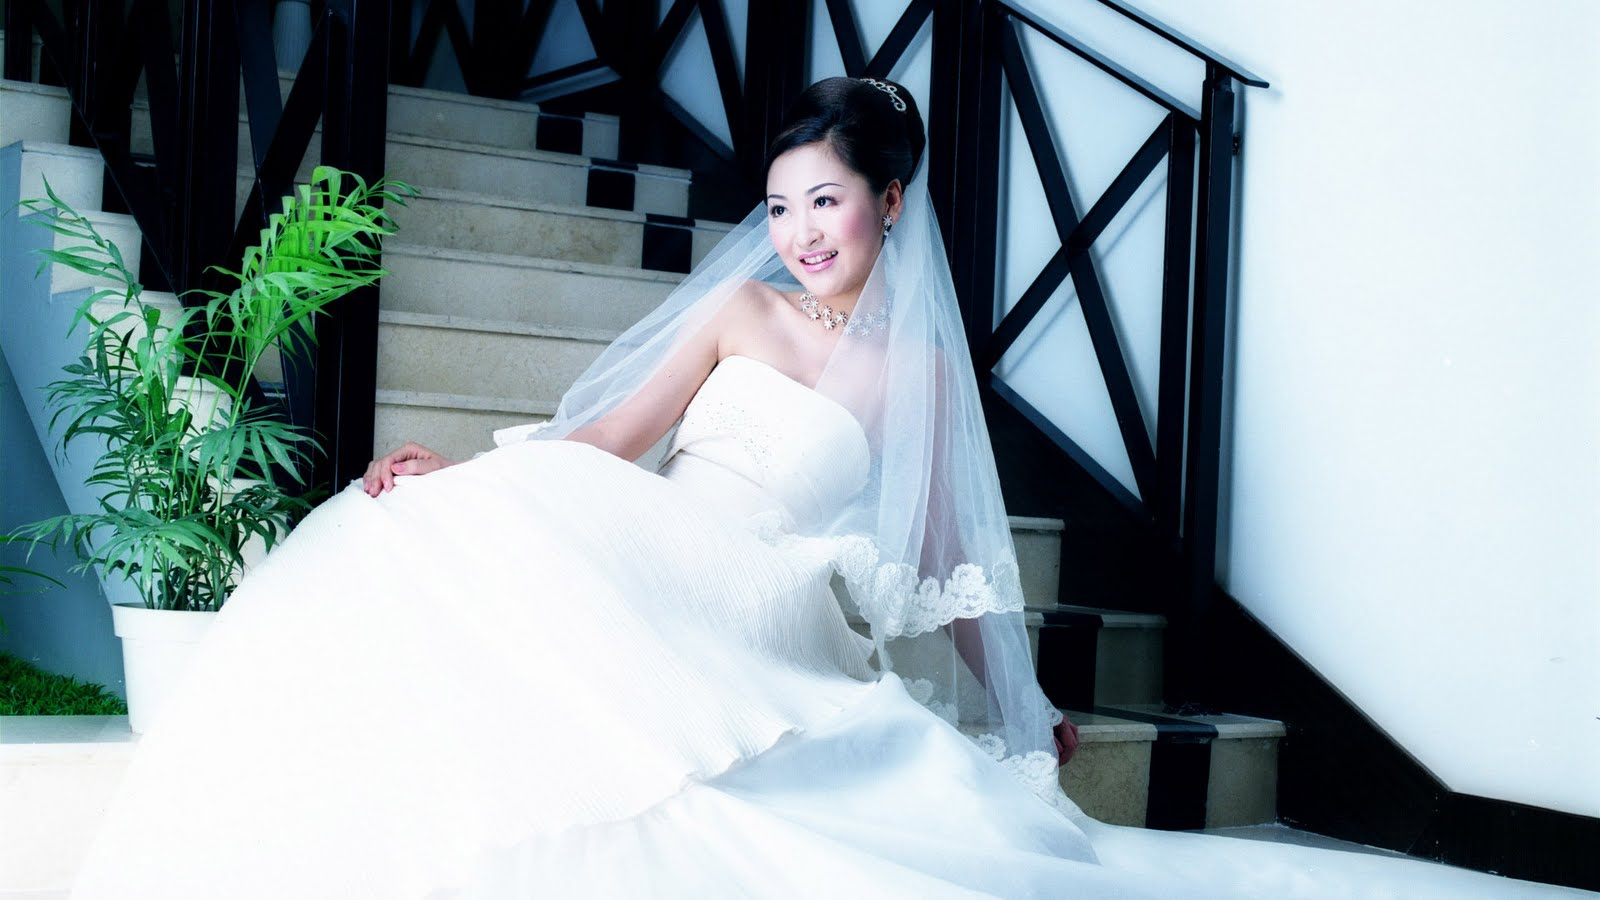 http://1.bp.blogspot.com/-jMI6Im_hBWw/TaFv7F6RoiI/AAAAAAAAAAk/uy96uWnSMKc/s1600/prewedding-picture.jpg